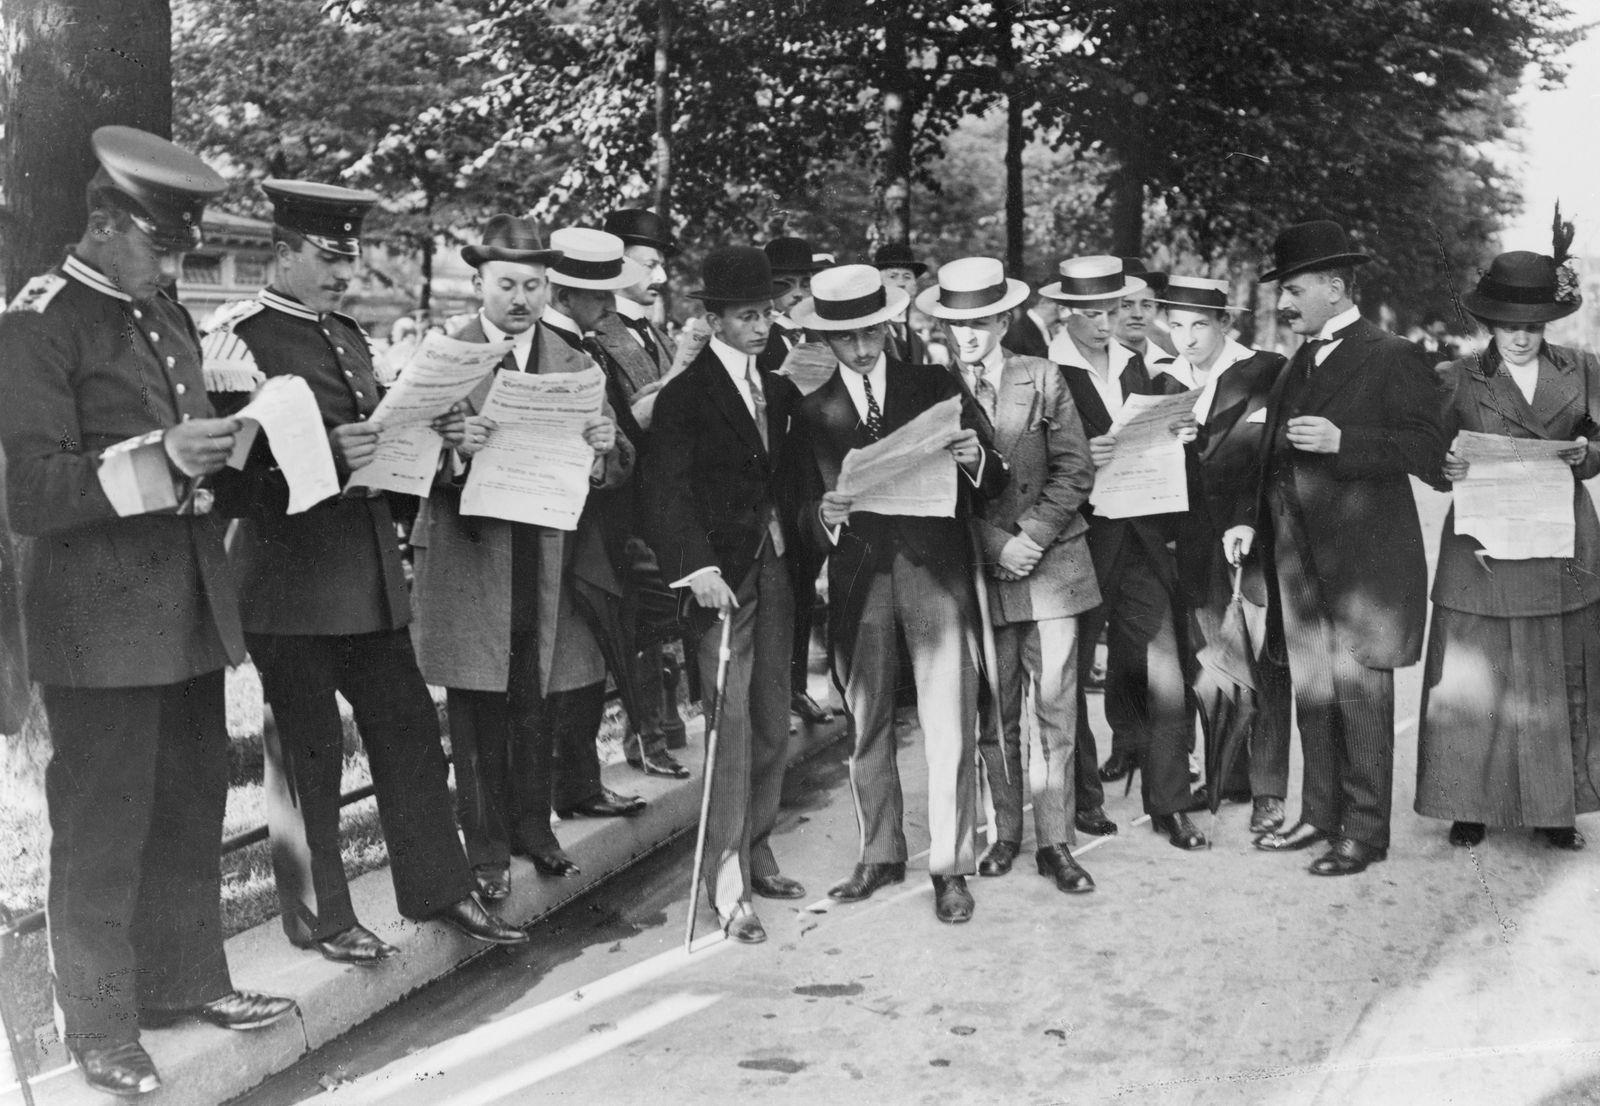 """Die Redaktion der """"Vossischen Zeitung"""" verteilt im Tiergarten Extrablätter anlässlich der Verhängung des Kriegsrechts"""